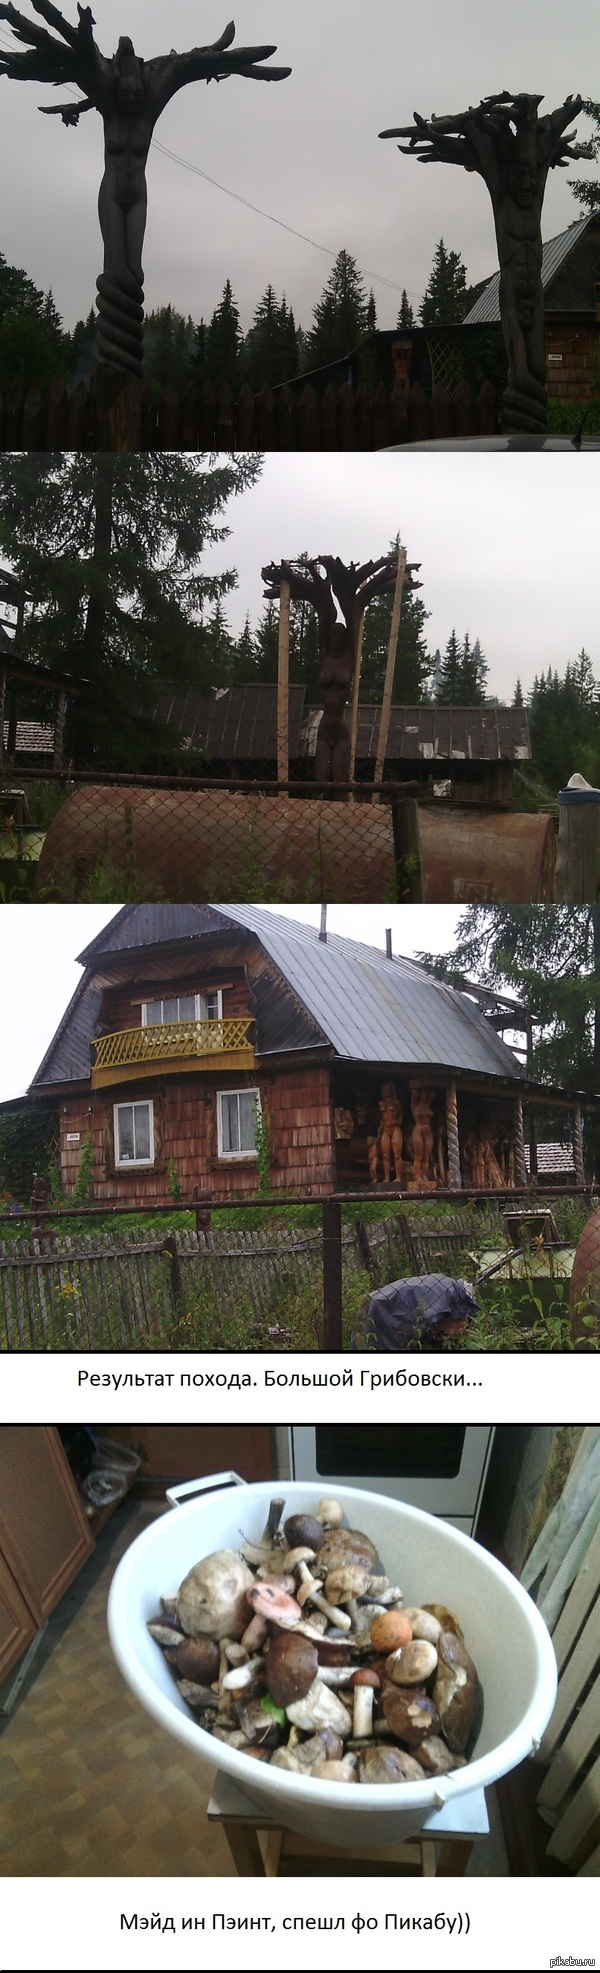 Ездил за грибами, и проезжая по деревне увидел вот это. Простите за качество, фото делал телефоном.  чудо сие находится в д. Сабик, Свердловская область.